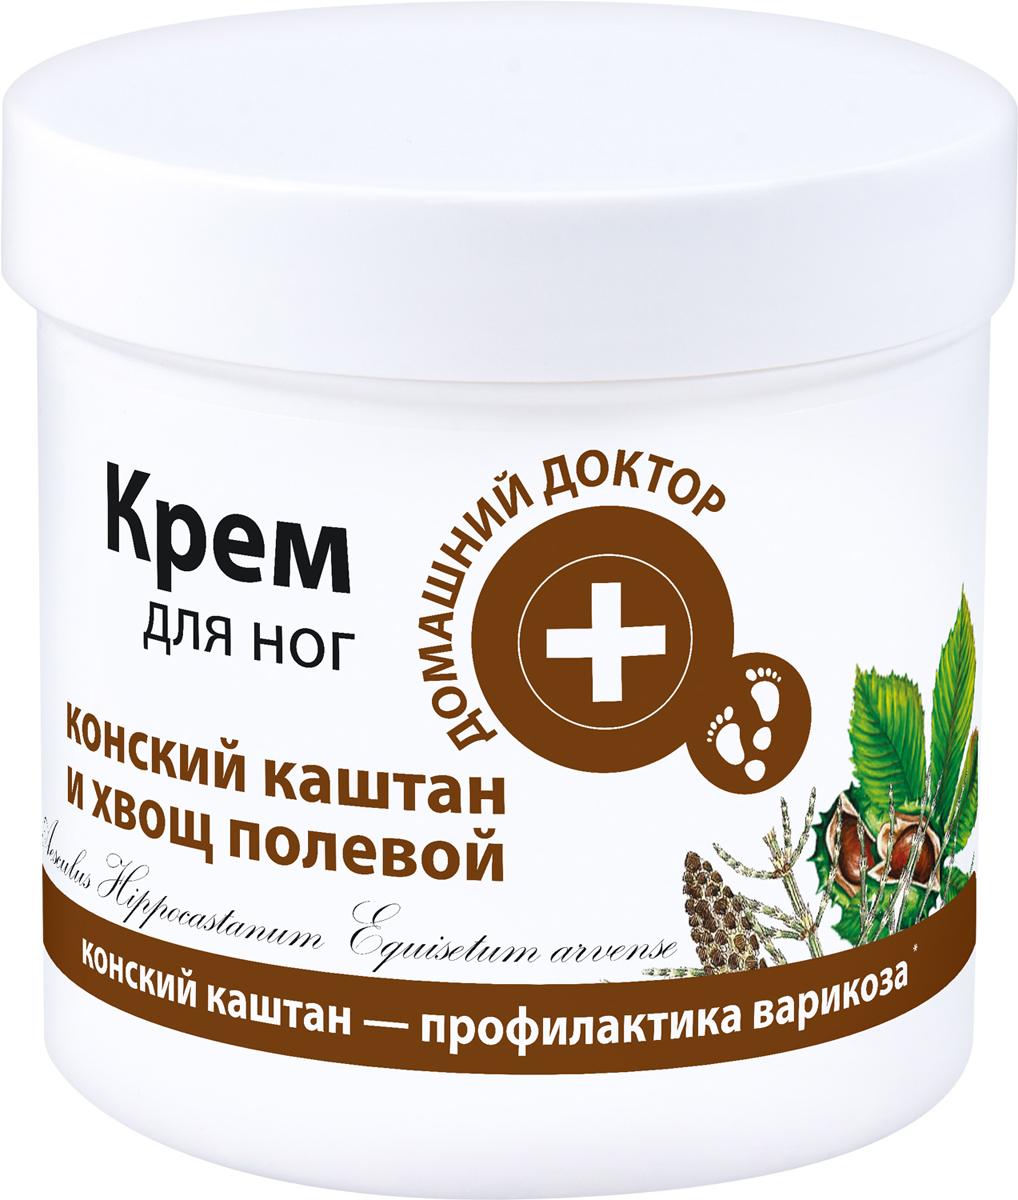 Домашний Доктор Крем для ног Конский каштан и хвощ полевой, профилактика варикоза, 250 мл